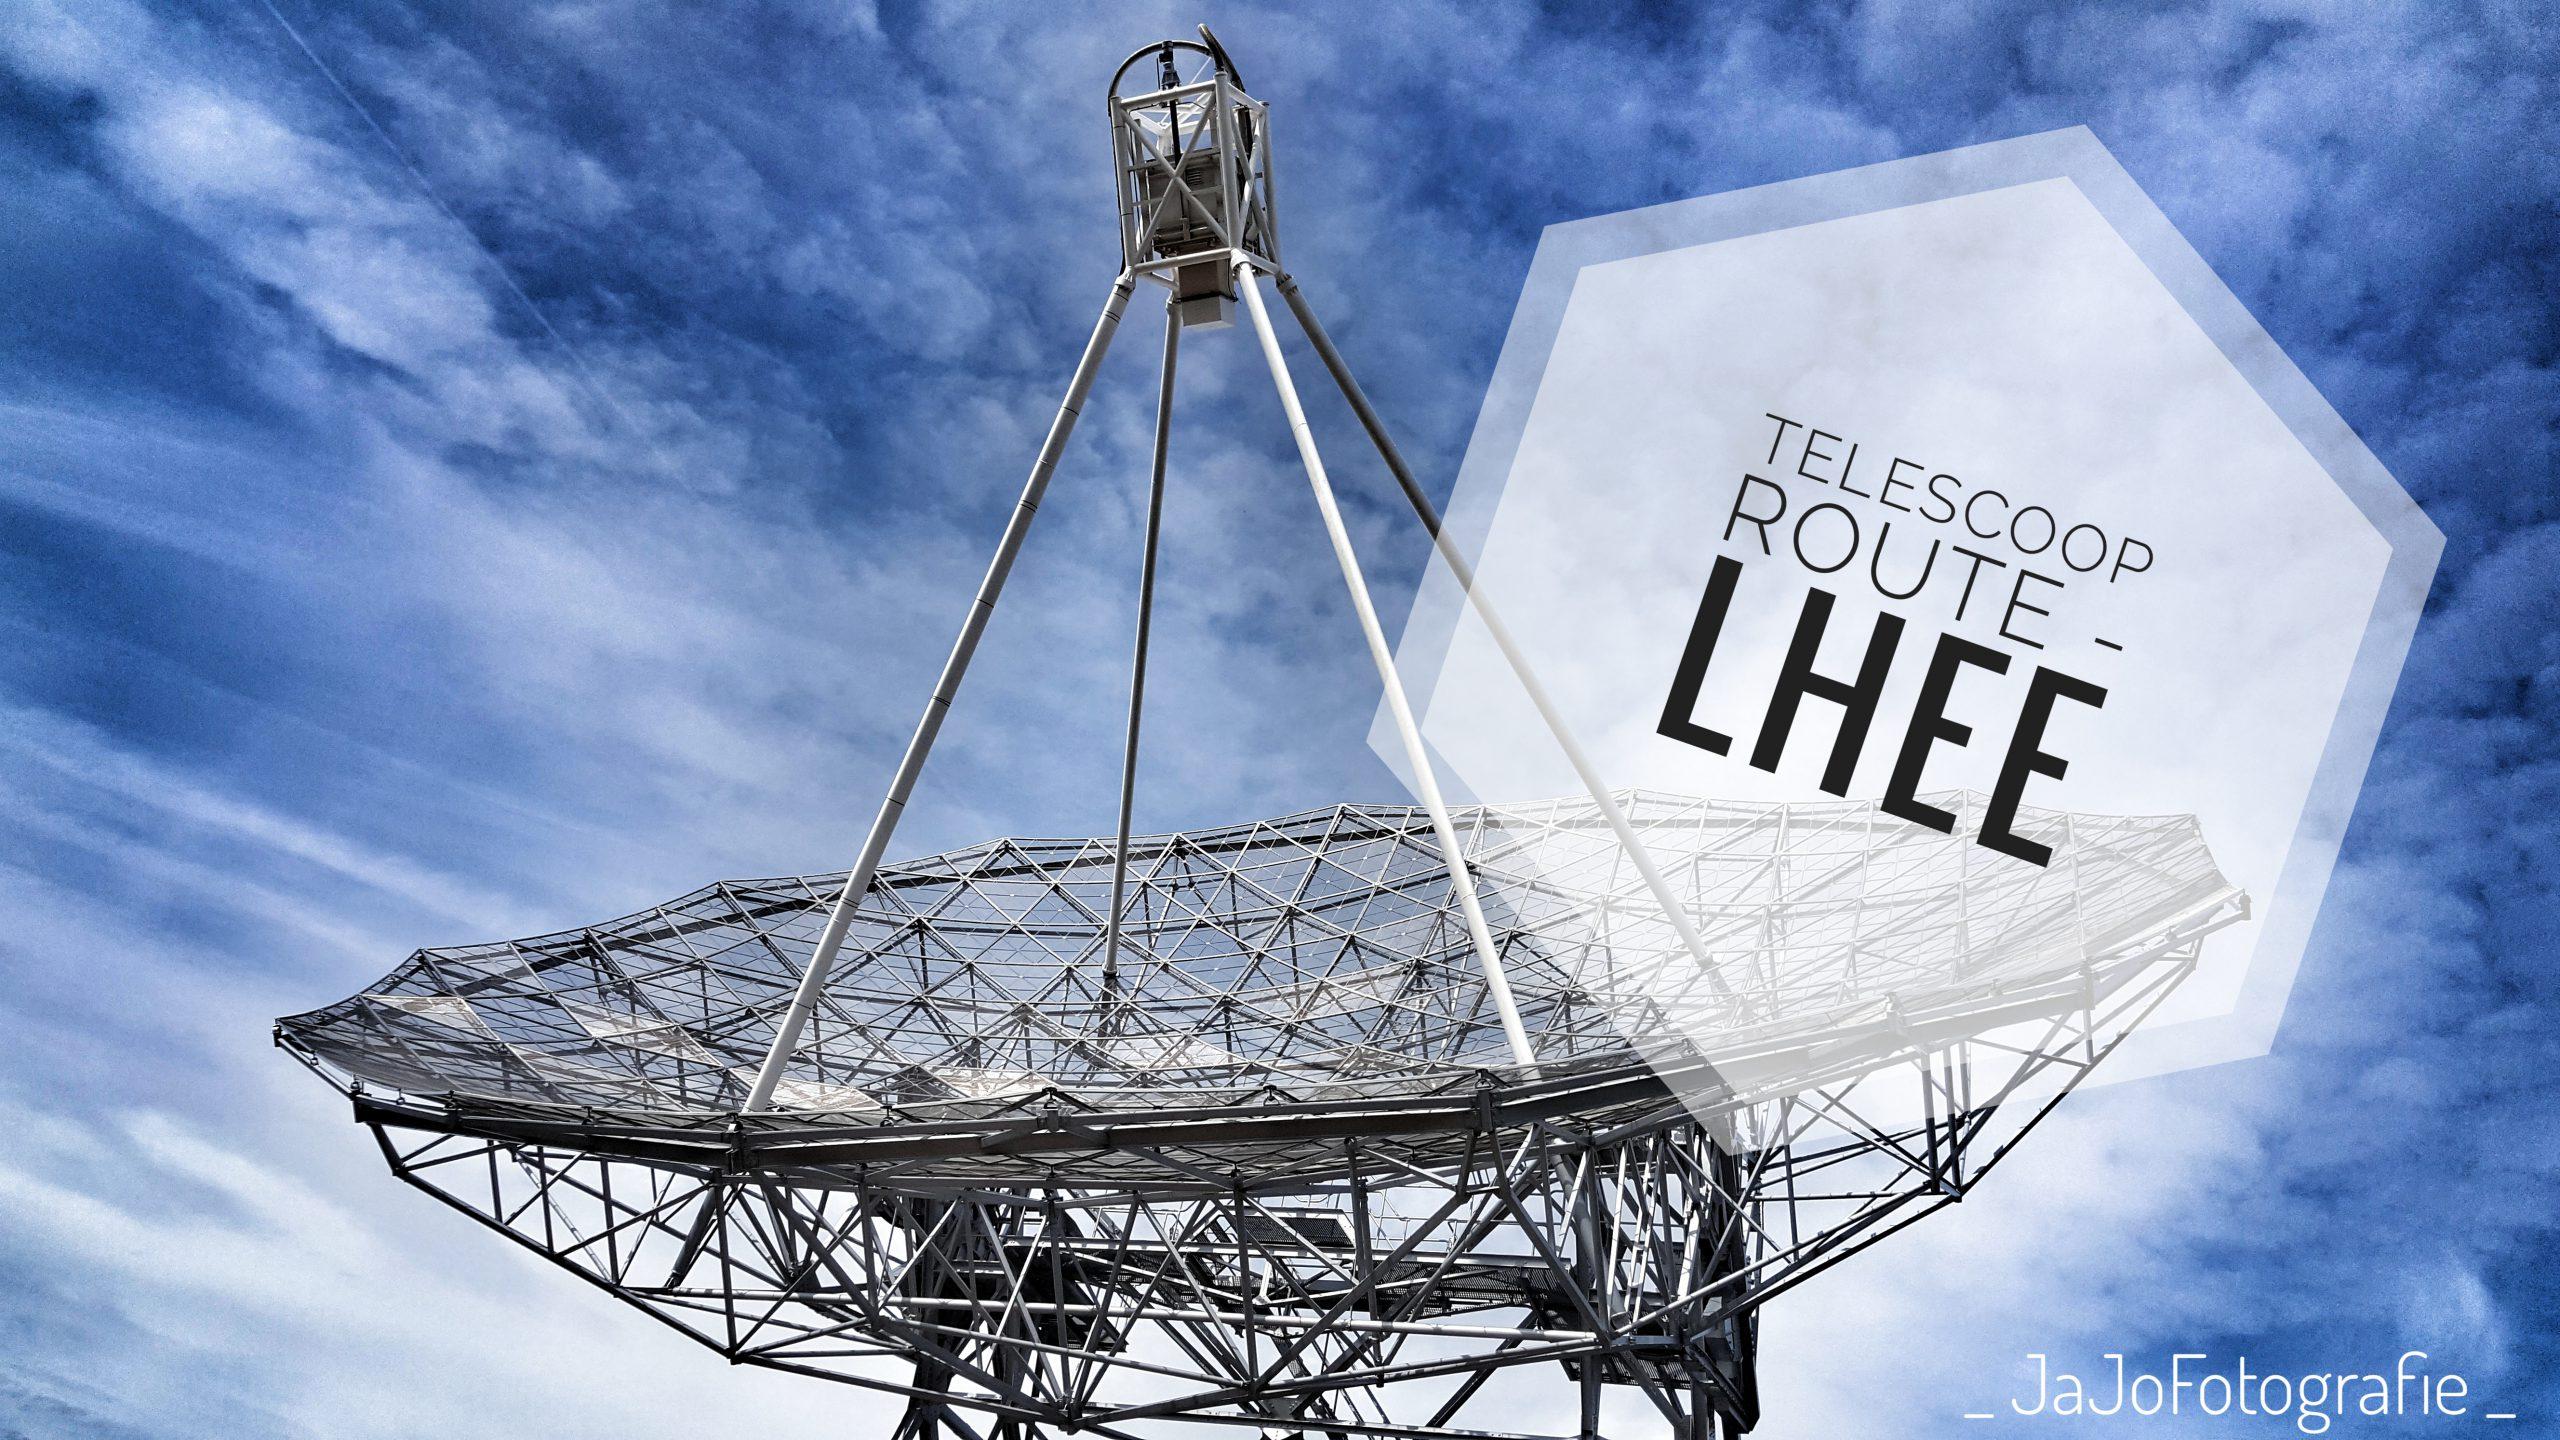 Telescoop Route – Lhee